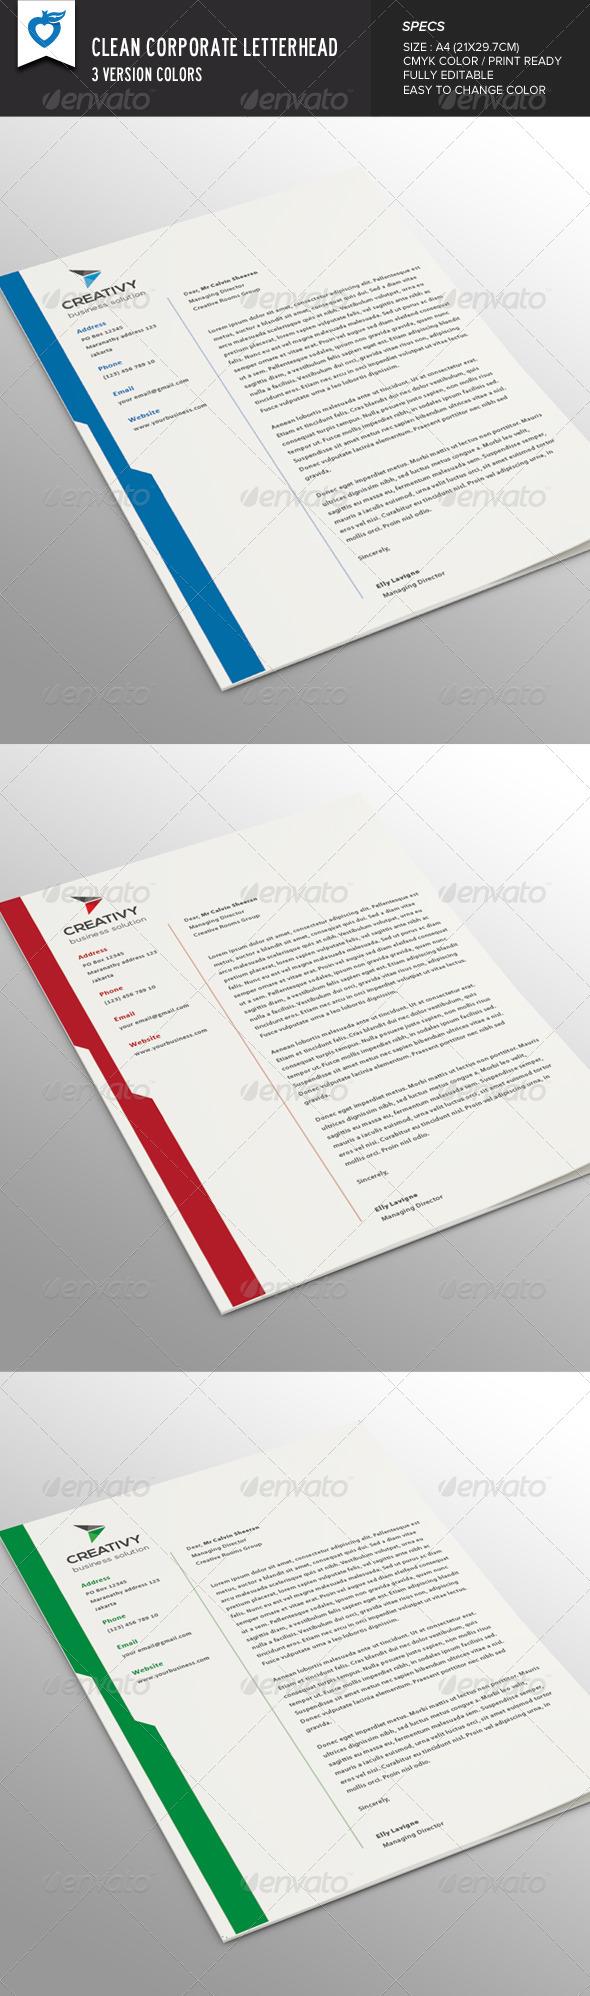 GraphicRiver Clean Corporate Letterhead 8190585